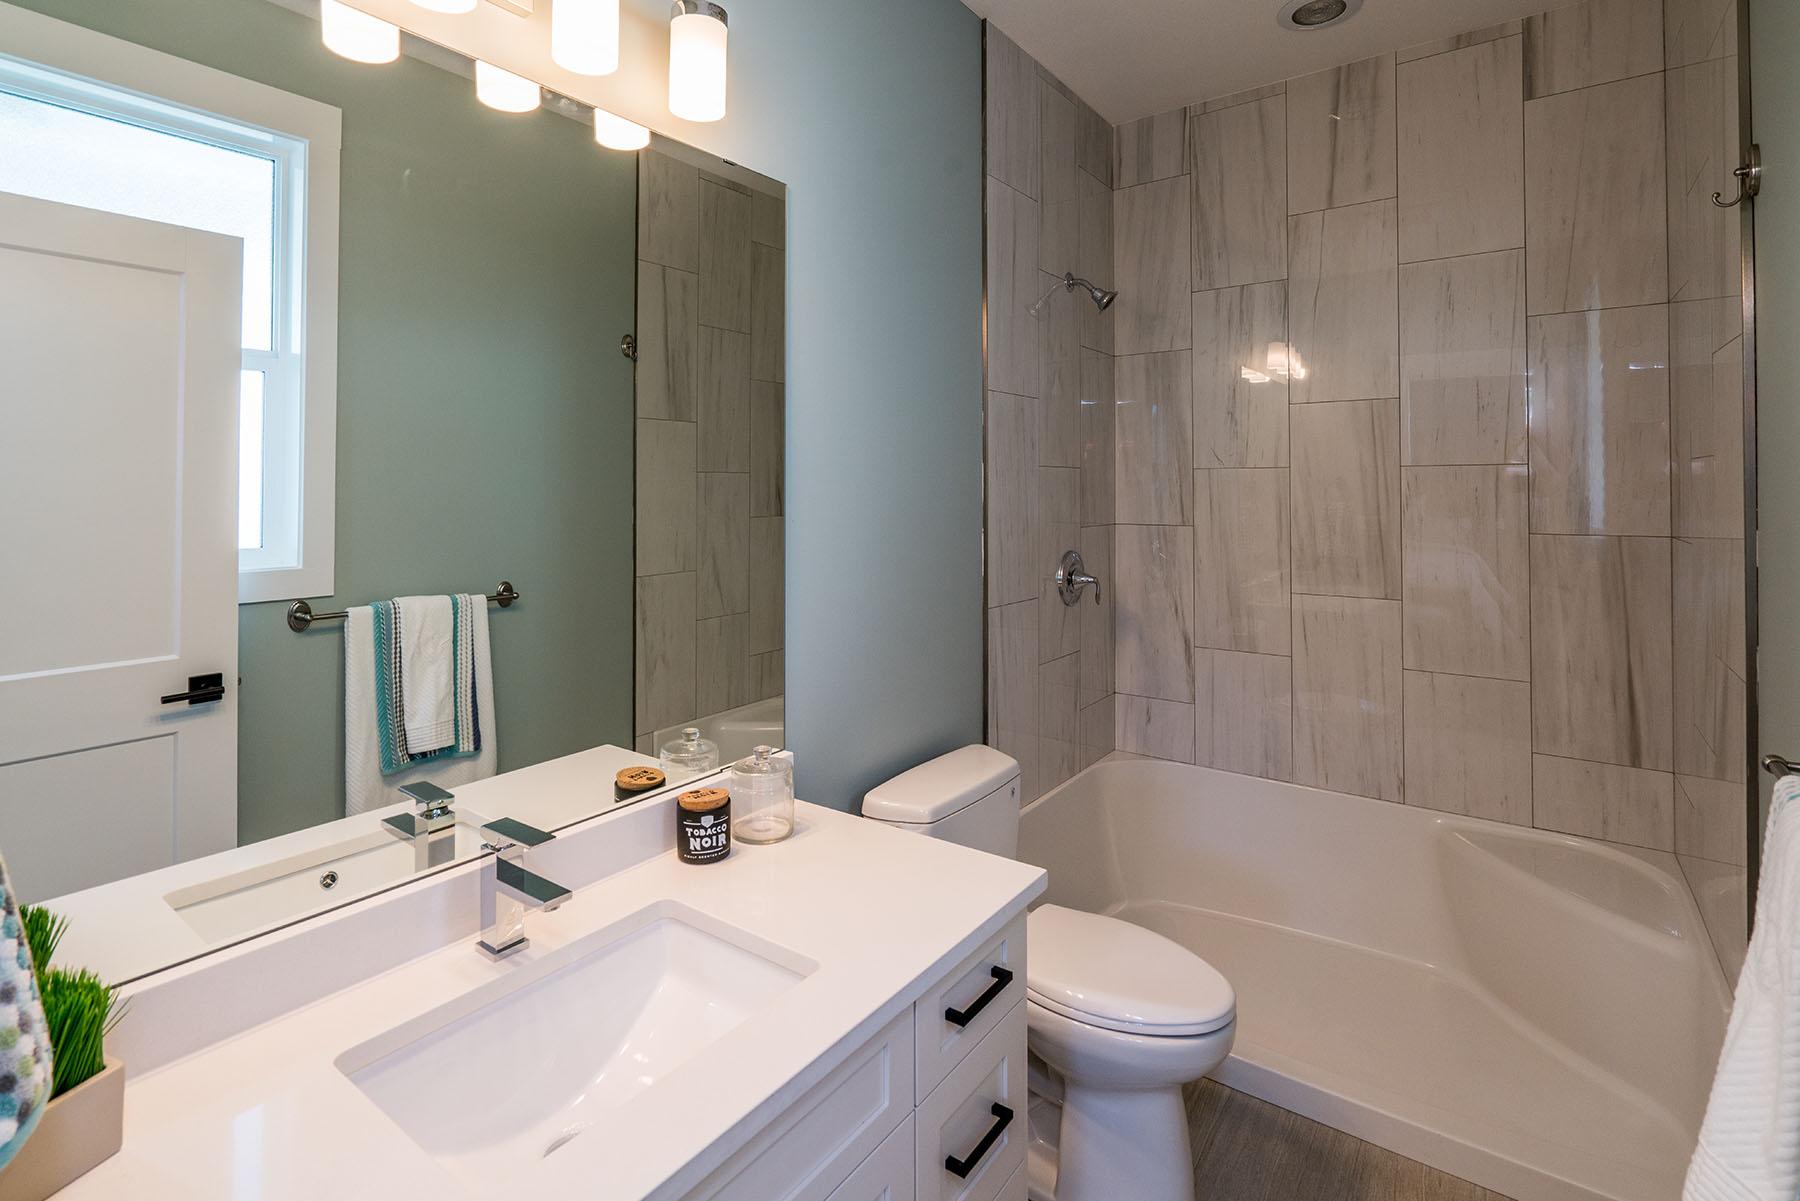 Bathroom - Vista2 002